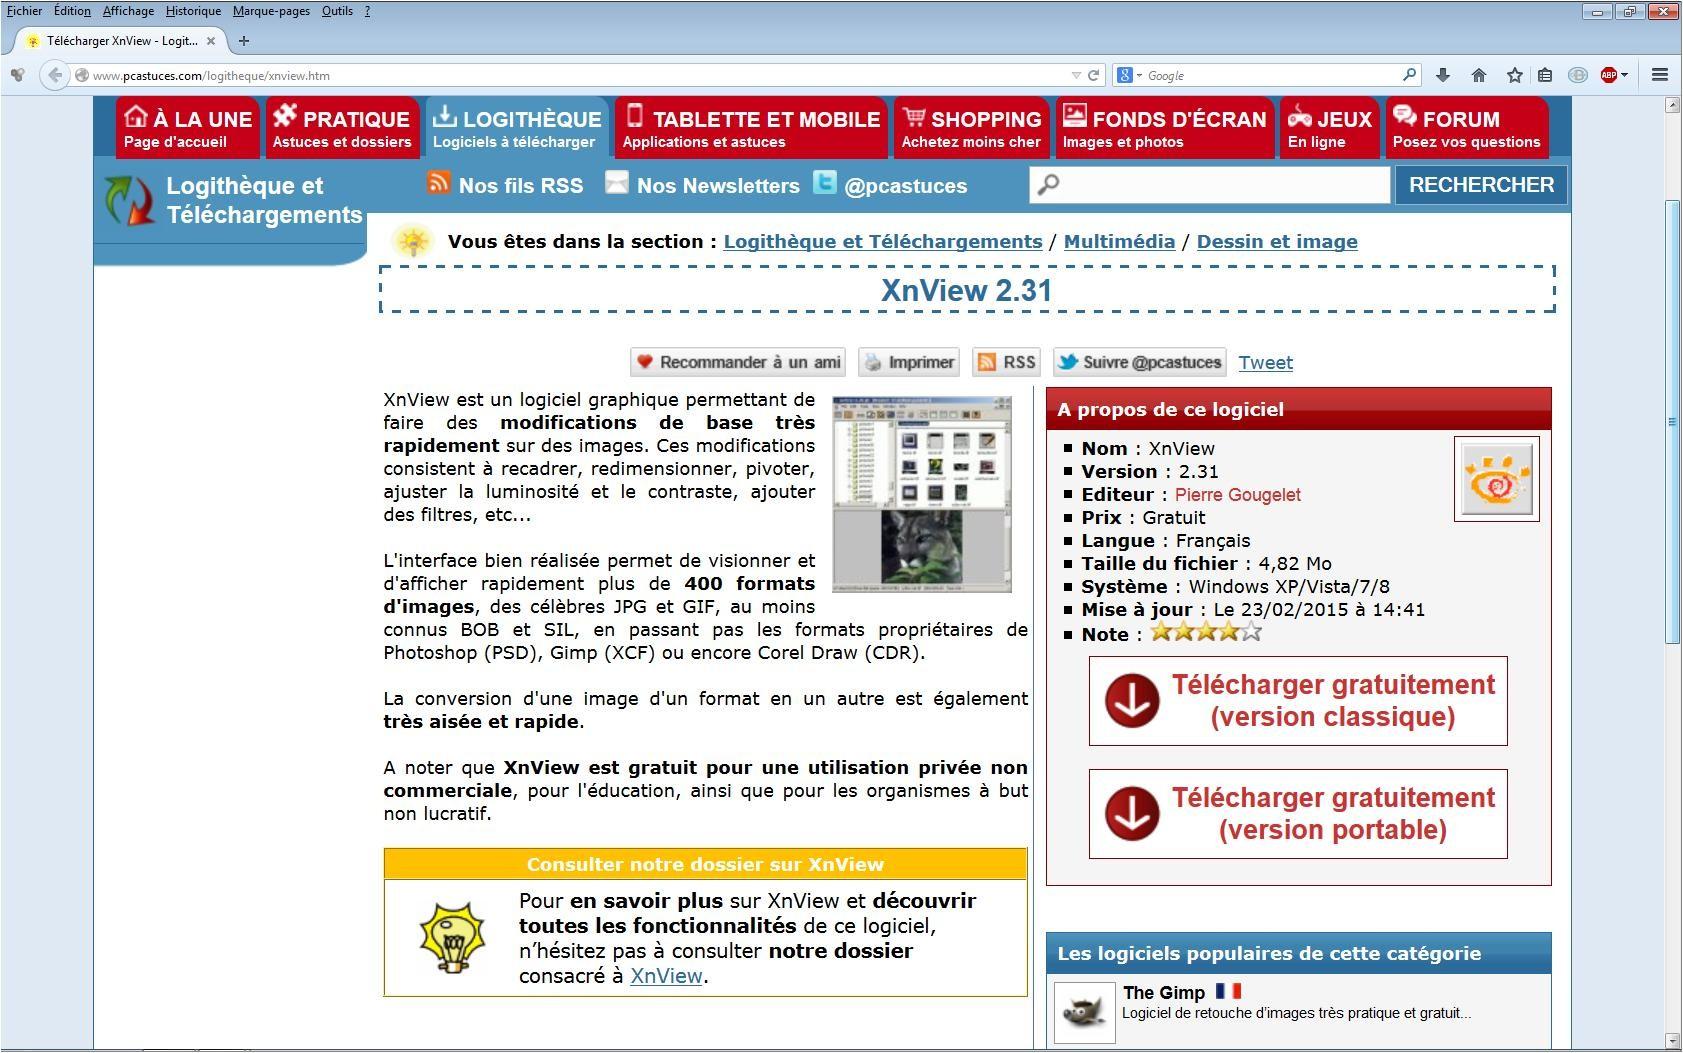 télécharger xnview gratuit